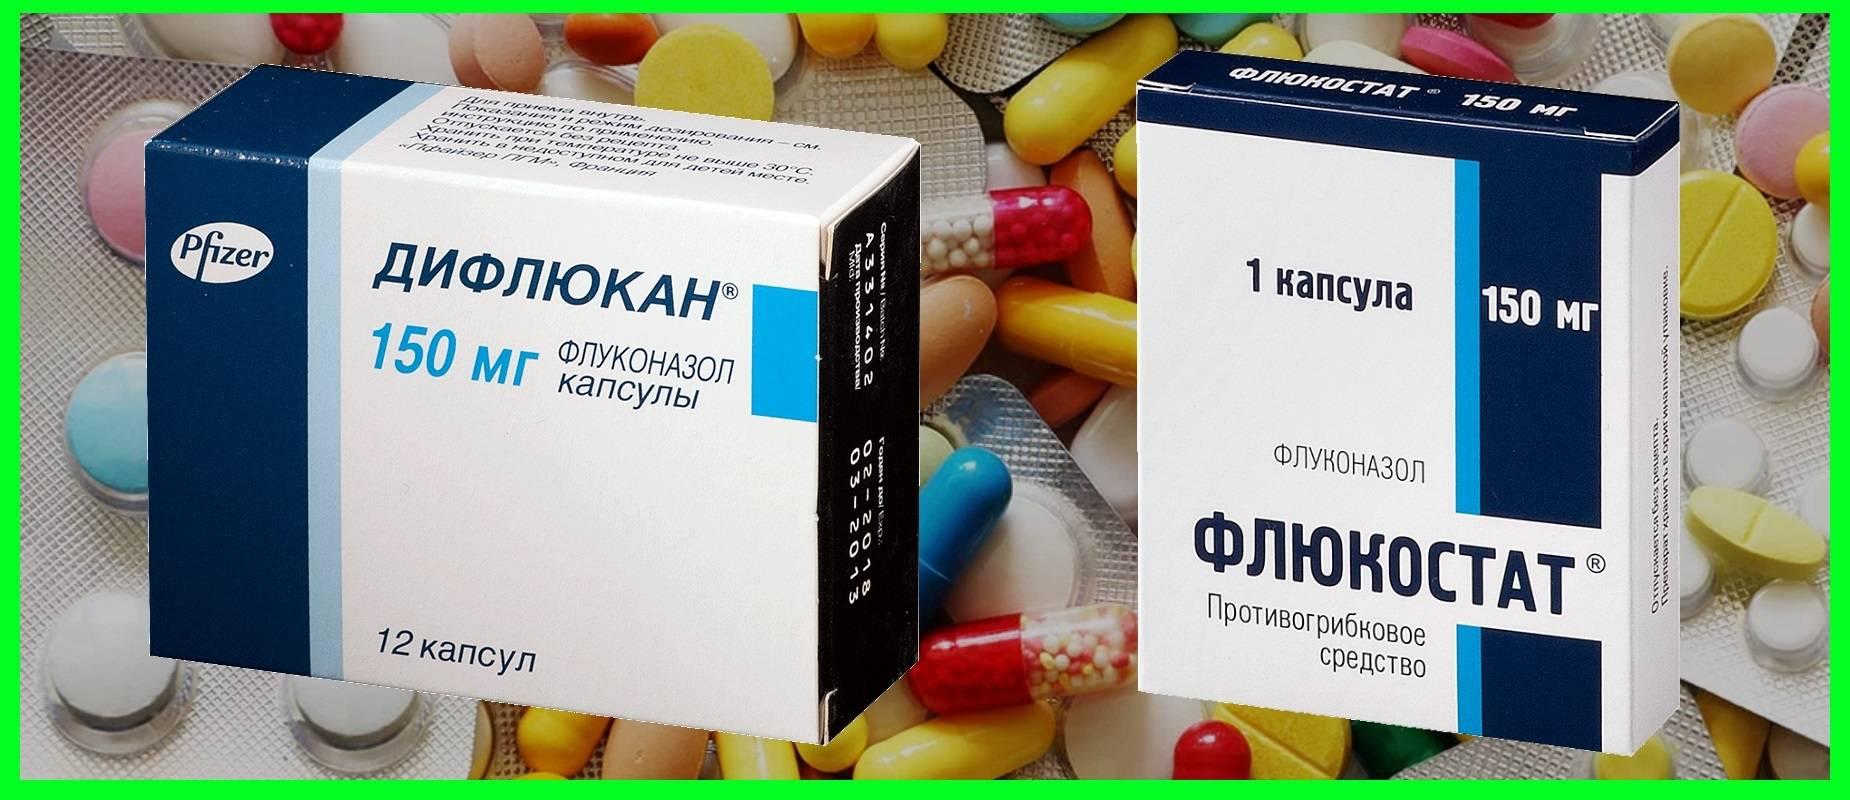 Что лучше — флюкостат или флуконазол, флюкостат или дифлюкан от молочницы?